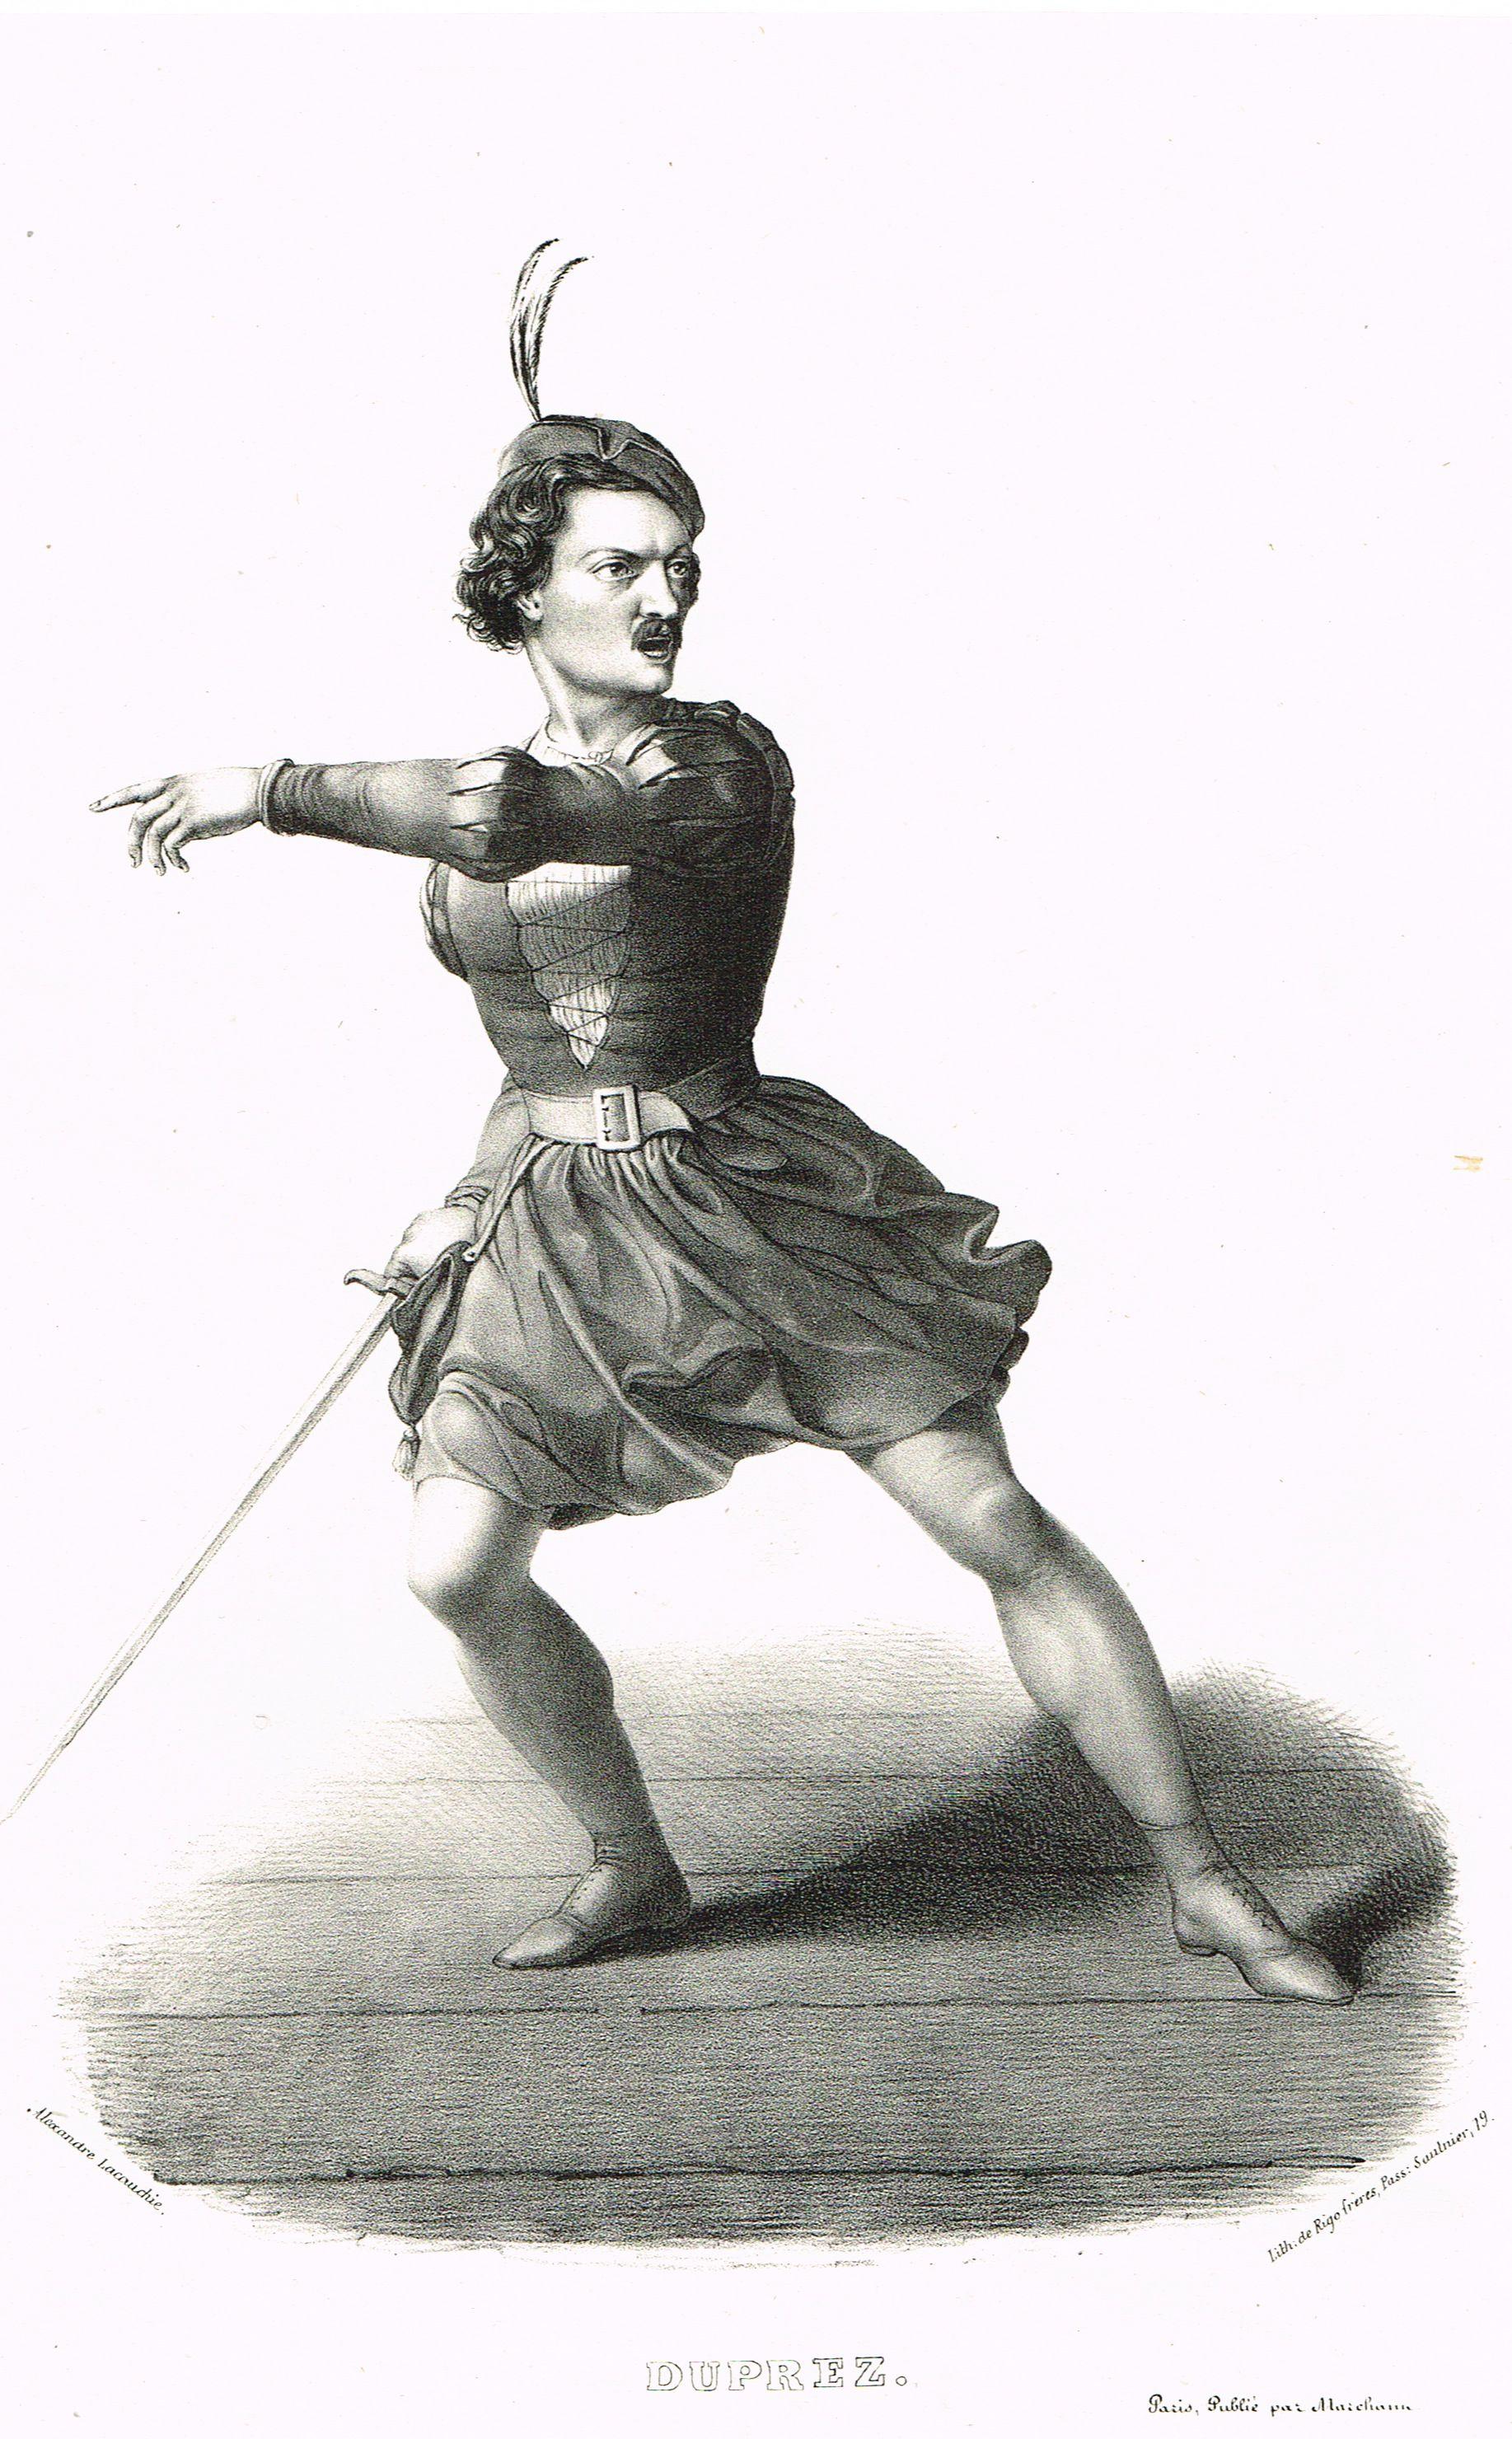 DUPREZ - Gilbert Duprez (6/12/1806 - 23/09/1896) - ténor à l'Opéra de Paris - d'après Alexandre Lacauchie - 1841 - MAS Estampes Anciennes - Antique Prints